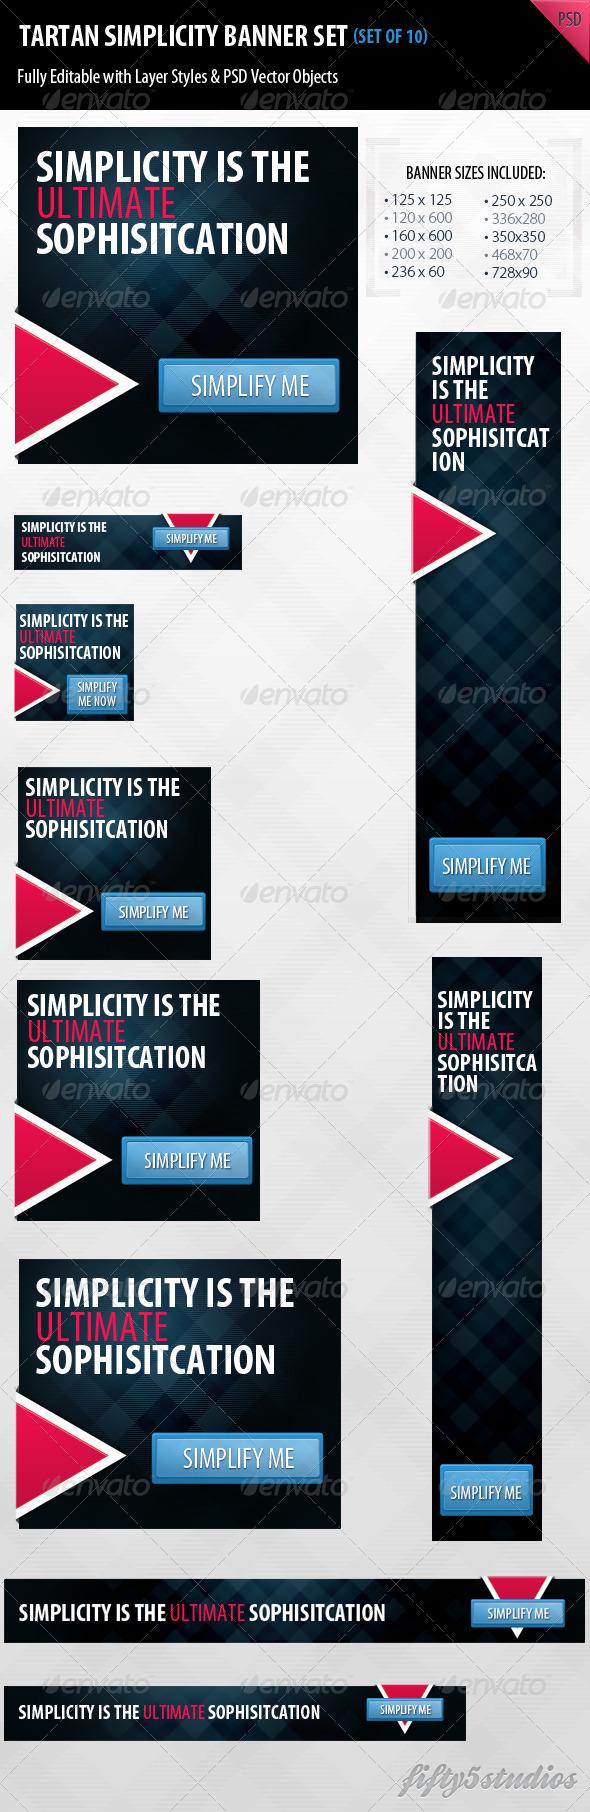 Tartan Simplicity Banner Set - Banners & Ads Web Elements